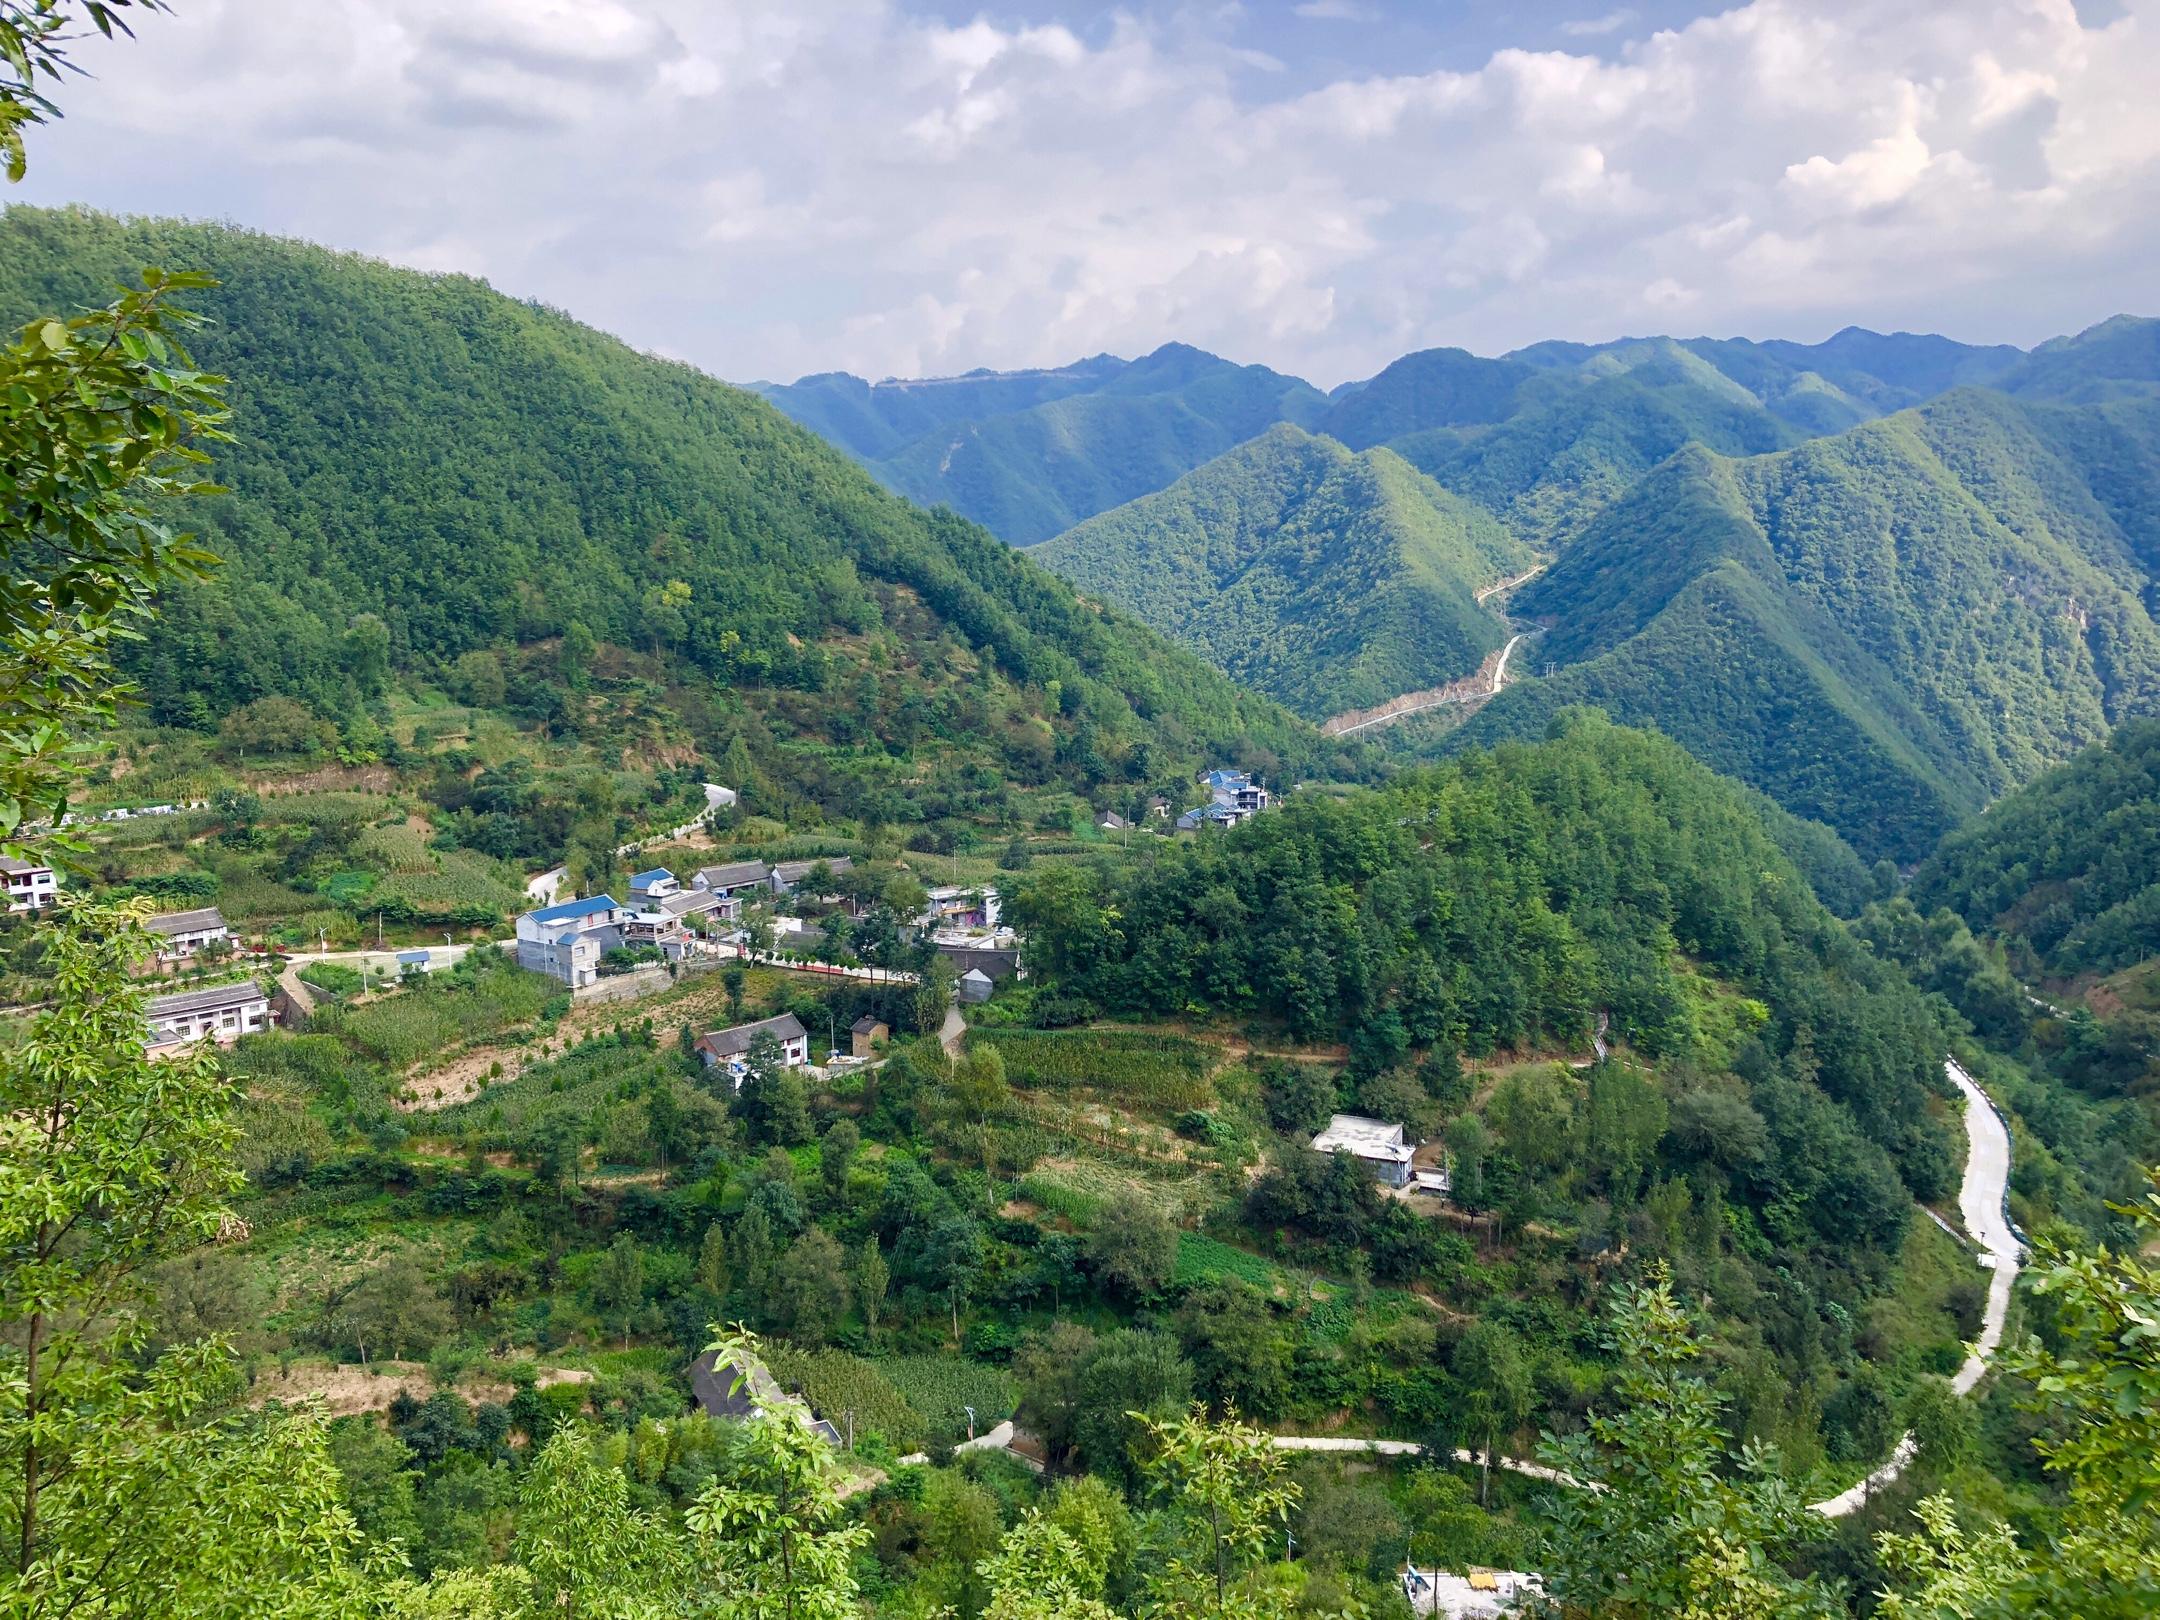 昨日行走栾川小镇,感受风景如画!